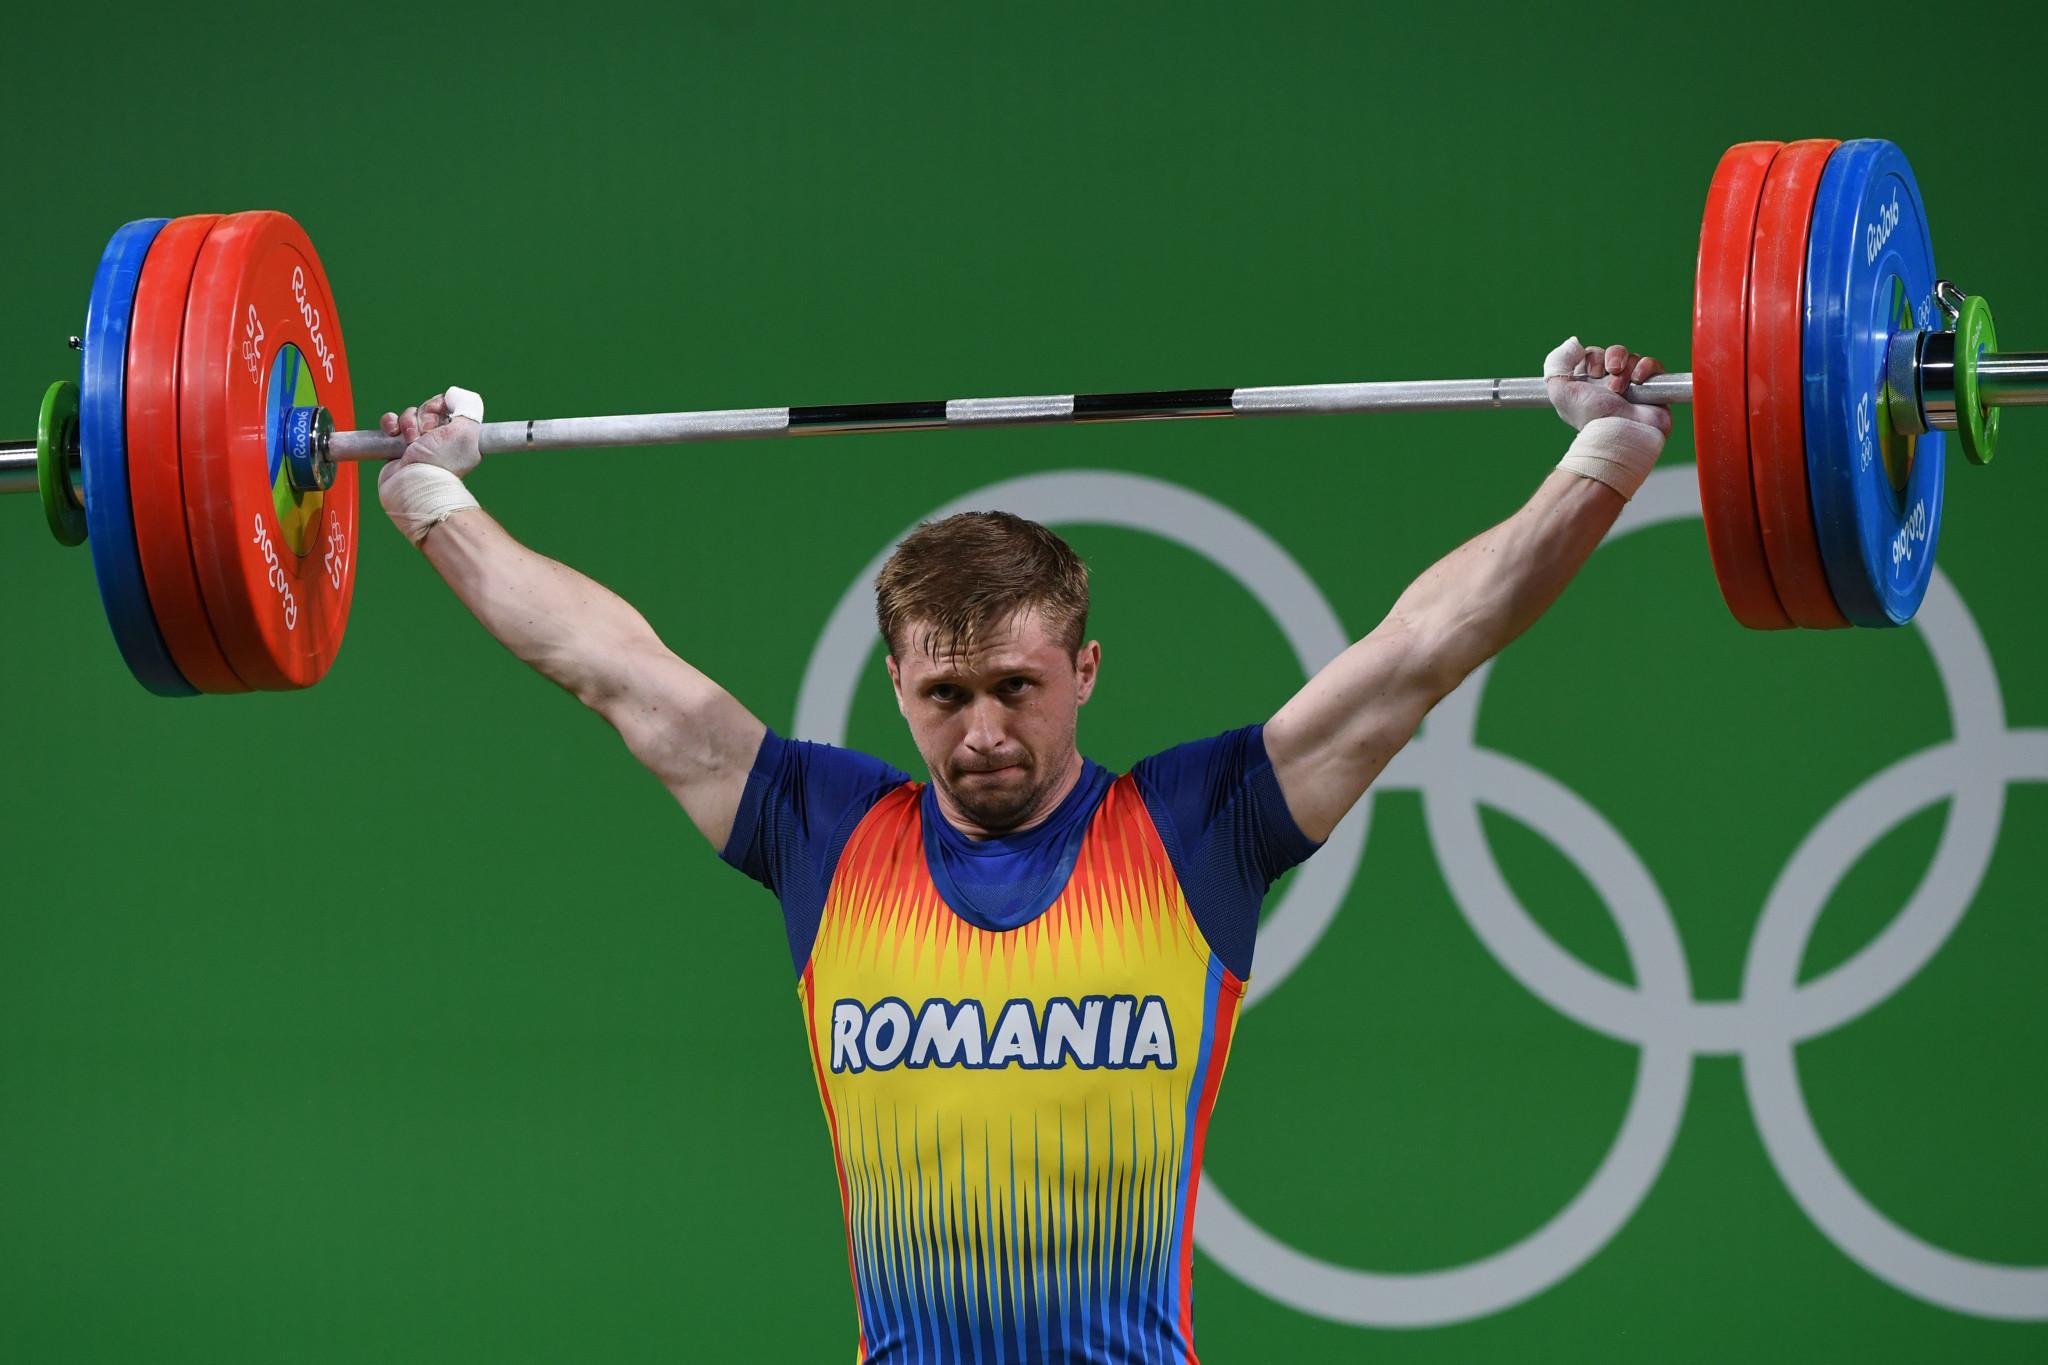 Gabriel Sincraian, care a dat rezultate pozitive la două Jocuri Olimpice, este interzis până în 2027 © Getty Images